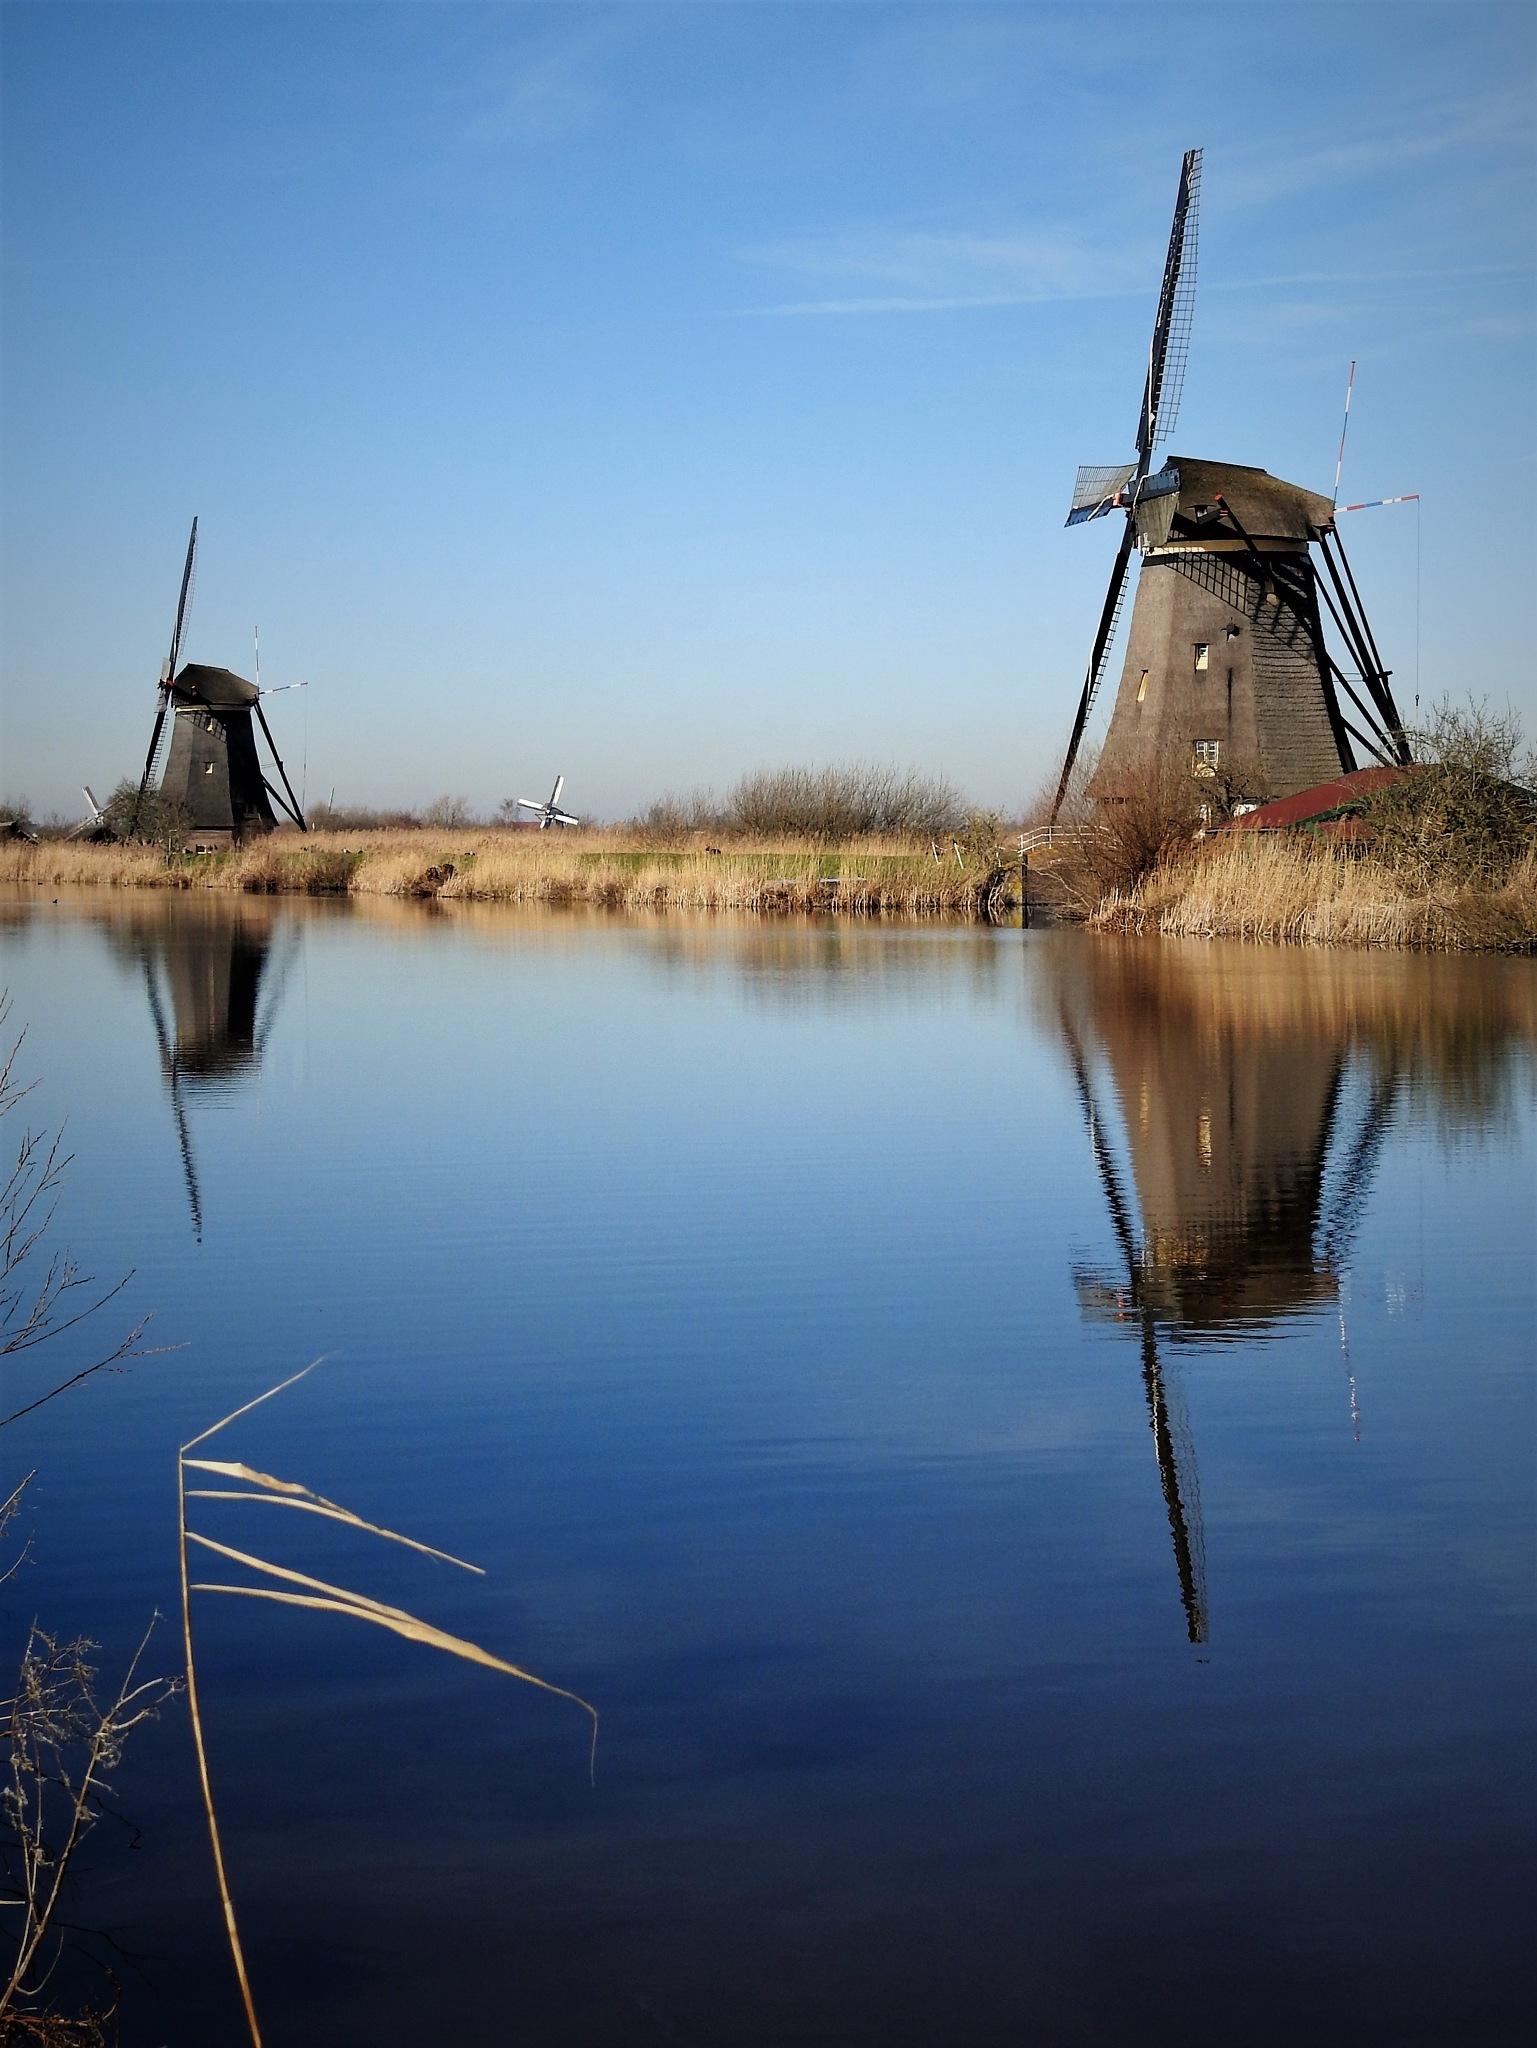 Some of the mills of Kinderdijk... by Fedor de Vries